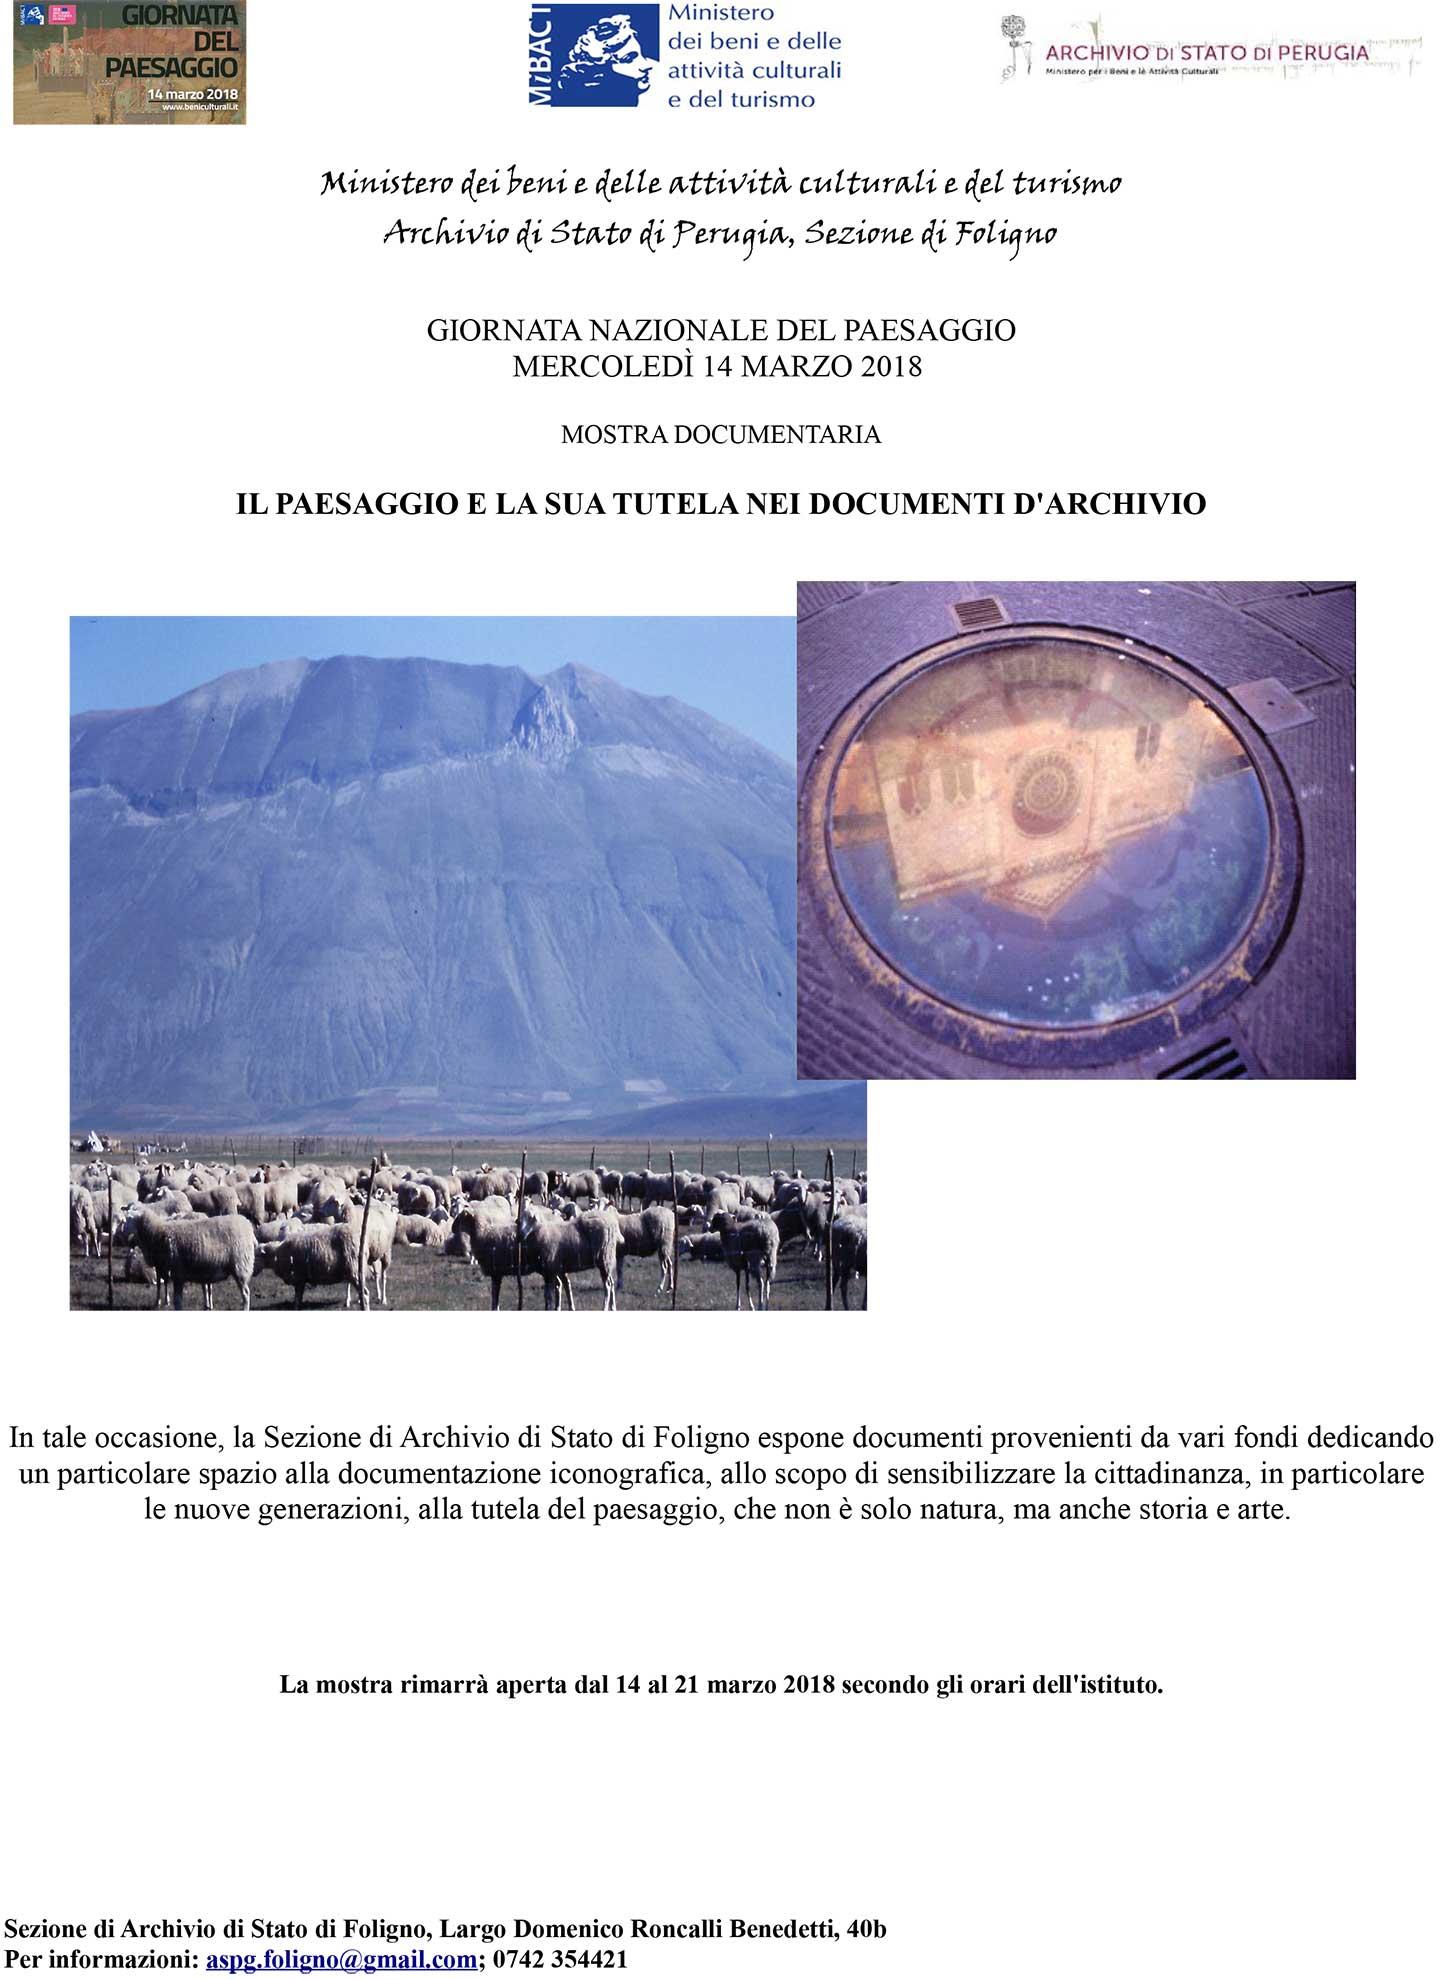 Giornata nazionale del Paesaggio 2018, gli eventi dell'Archivio di Stato di Foligno - locandina